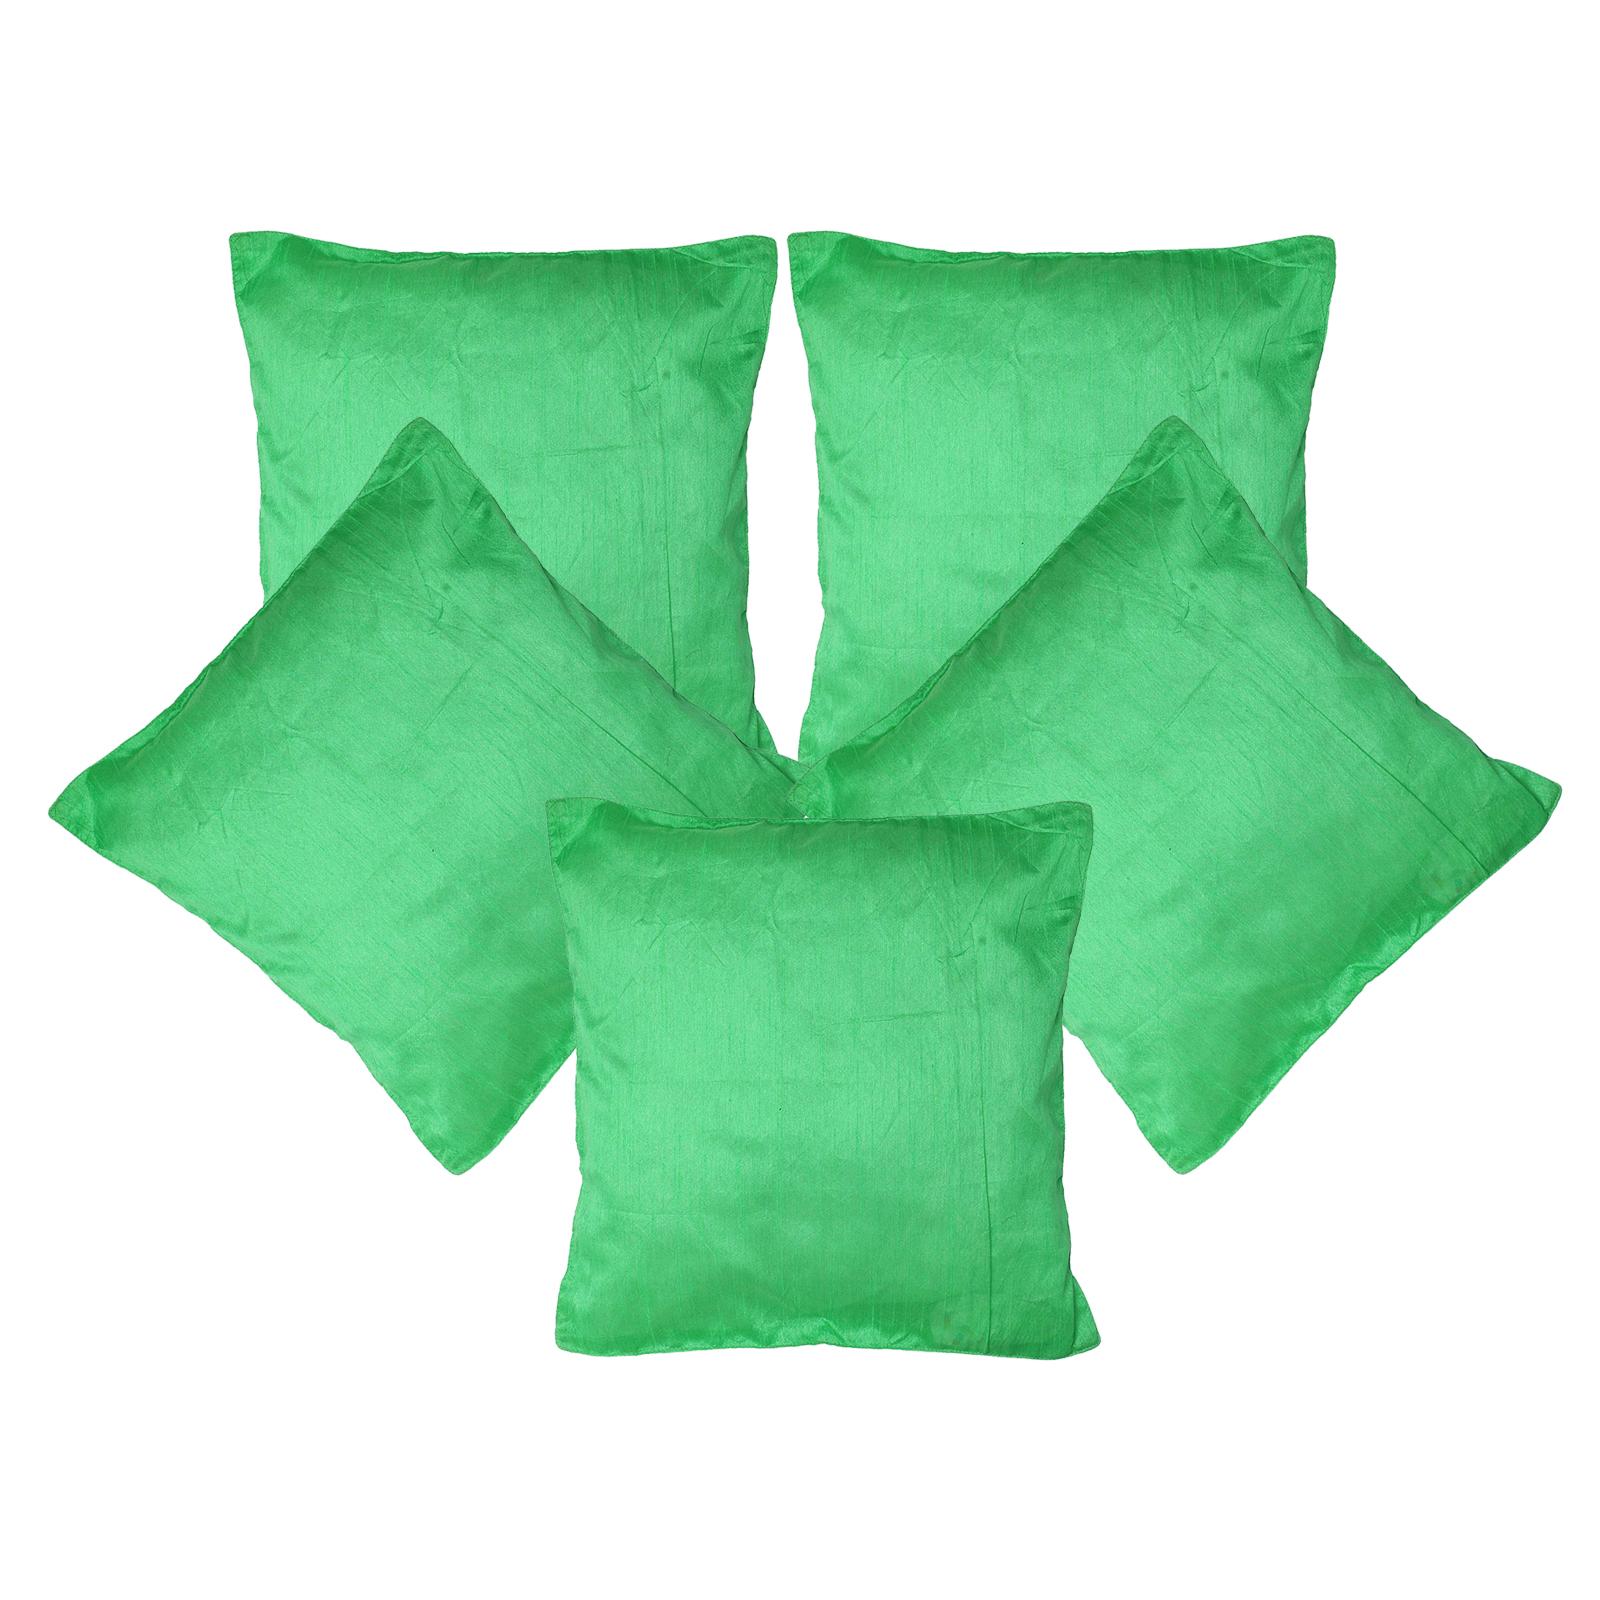 green-cushion-cover-16x16